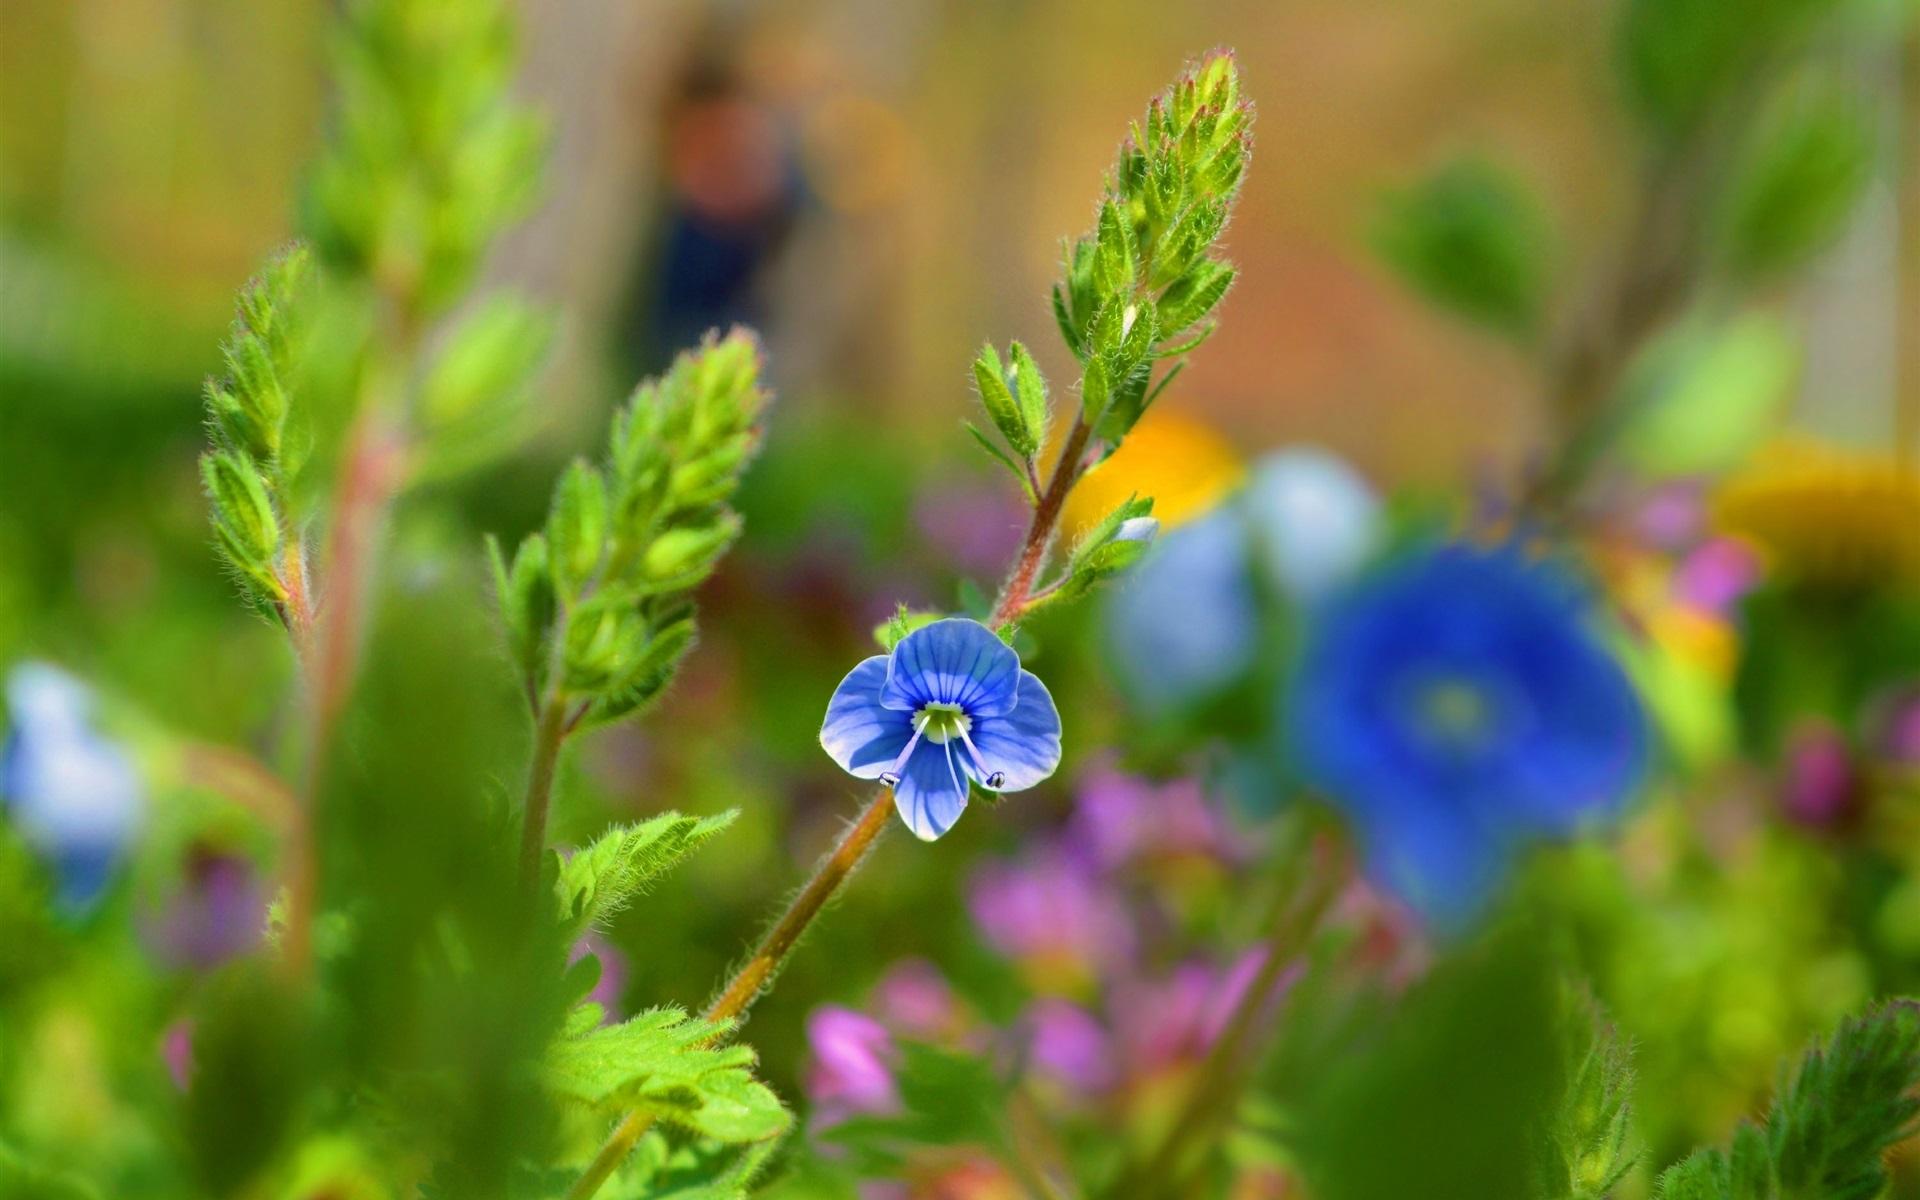 Hintergrundbilder Blaue Blume: Blaue Blume, Pflanzen 2880x1800 HD Hintergrundbilder, HD, Bild